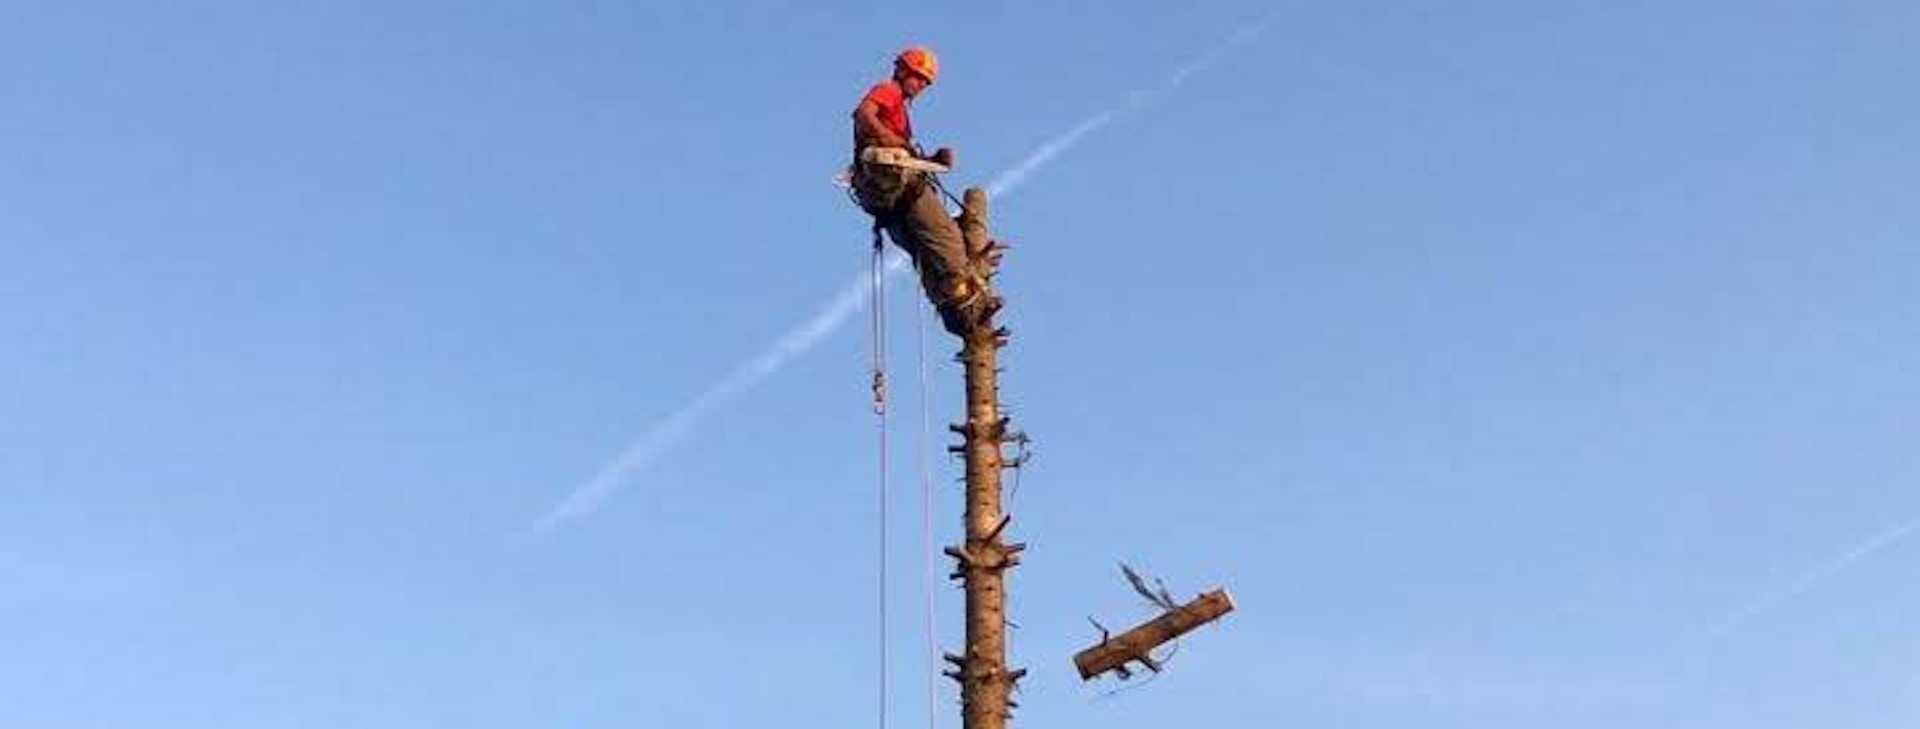 Fakivágás: veszélyes fák kivágása